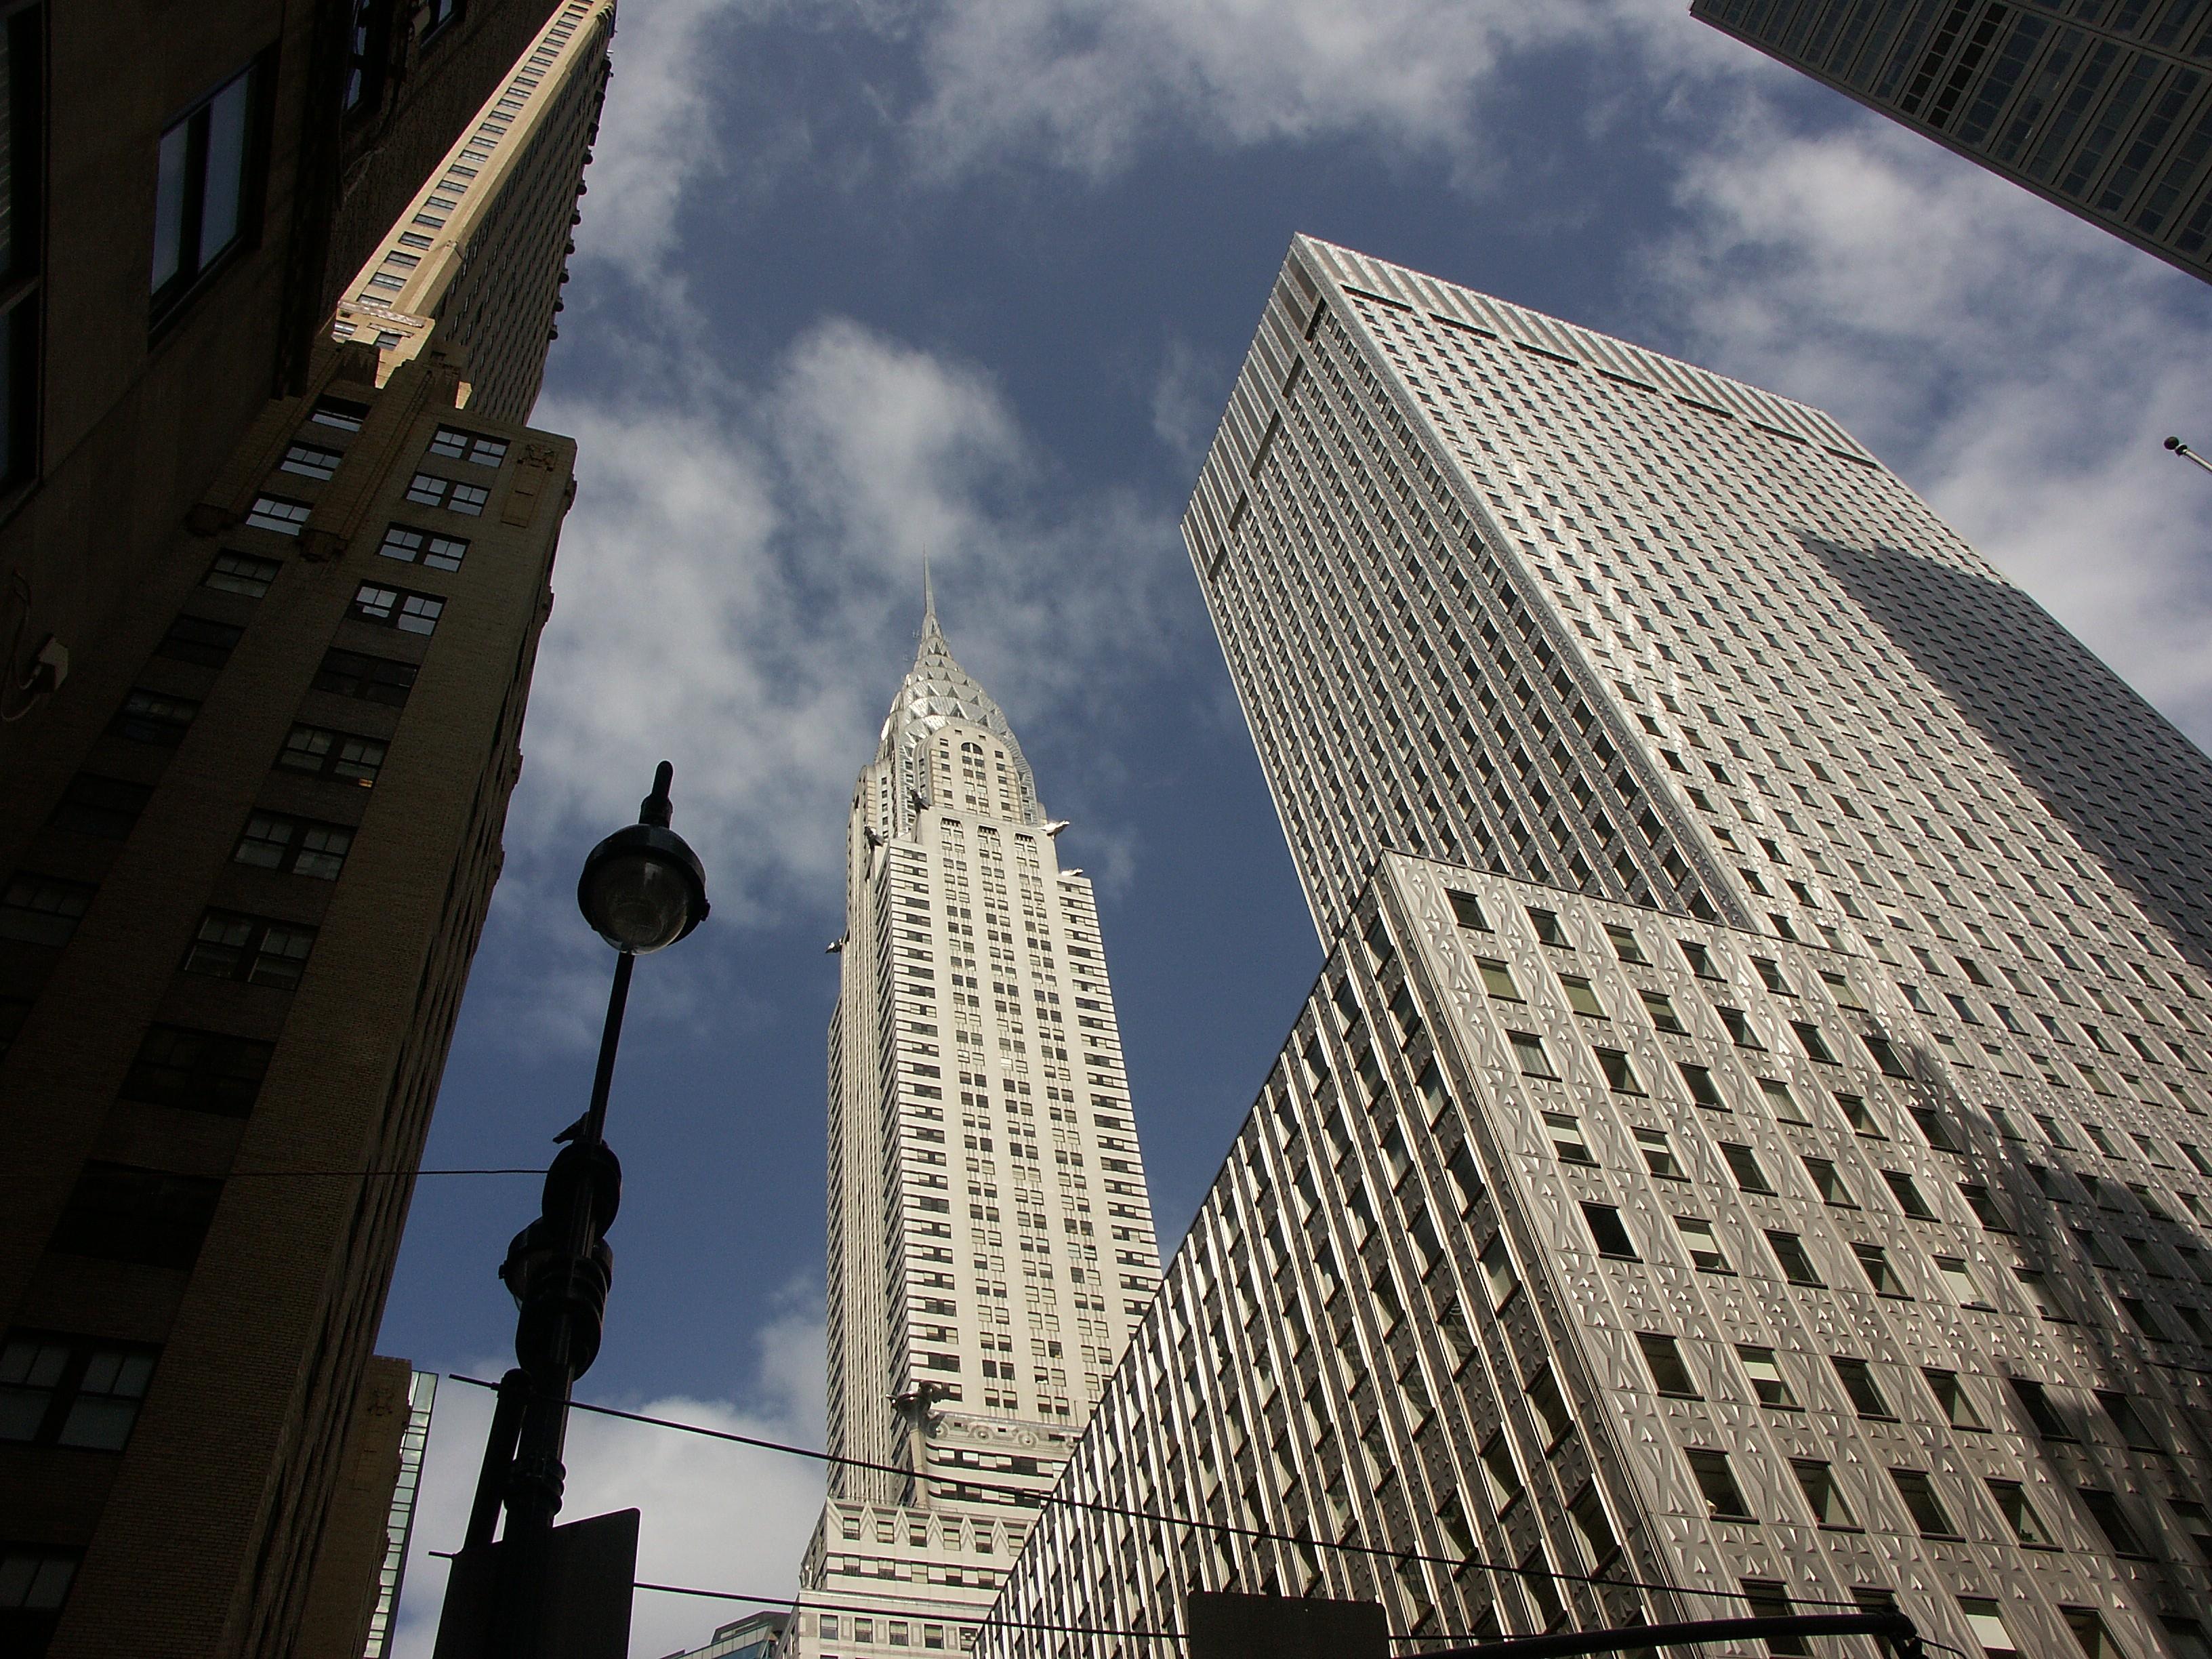 File:Chrysler Building From Street 2.jpg